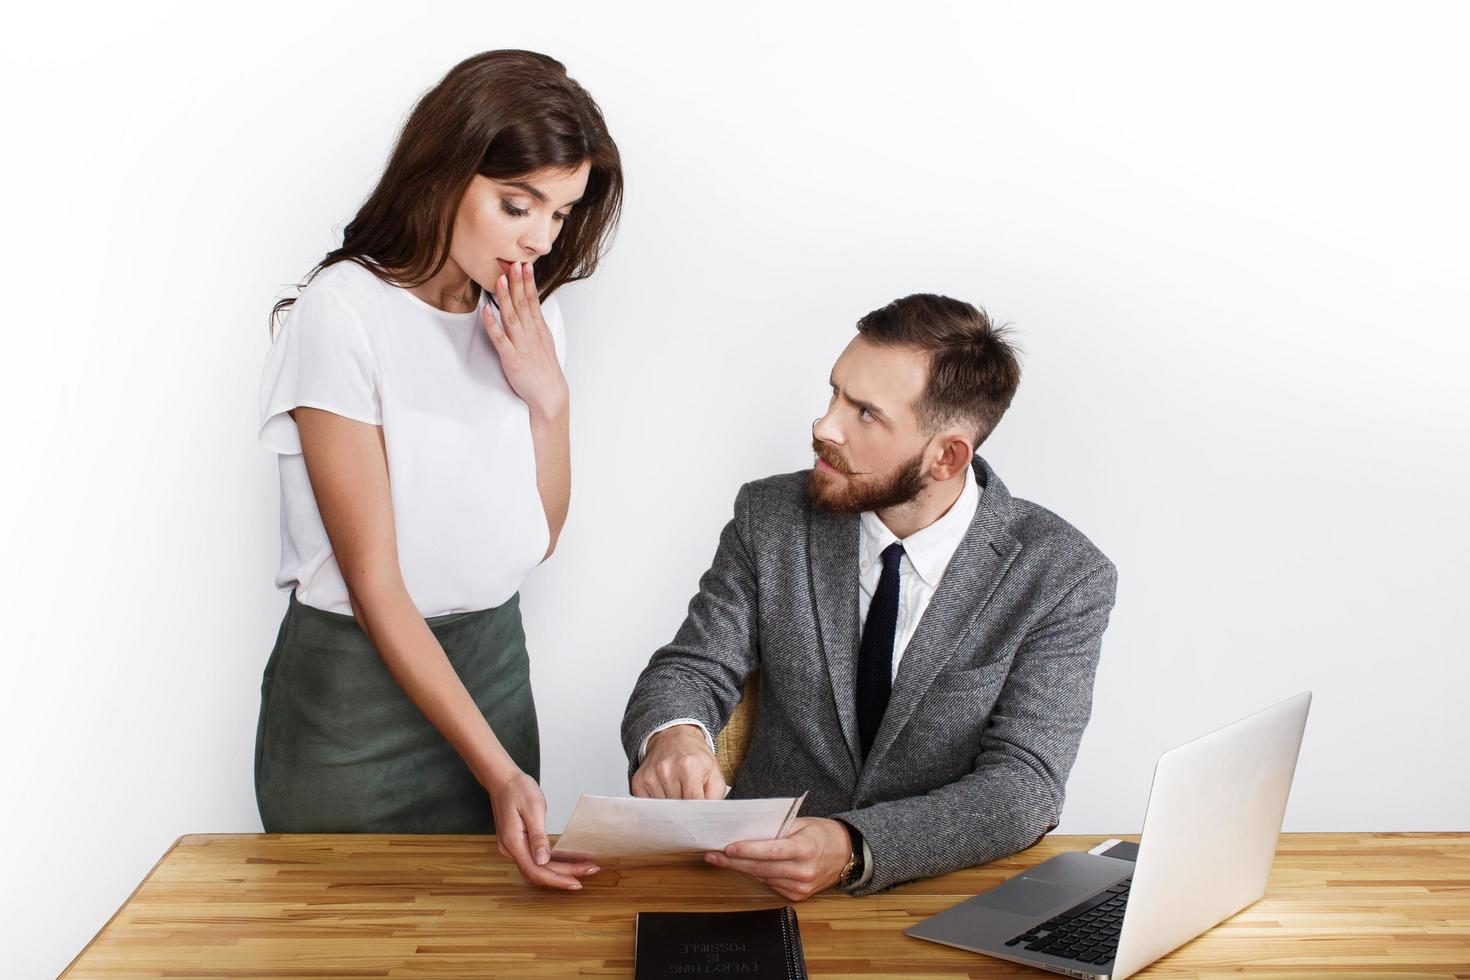 femme a l'air choquée tandis que l'homme d'affaires en colère pointe vers le papier photo